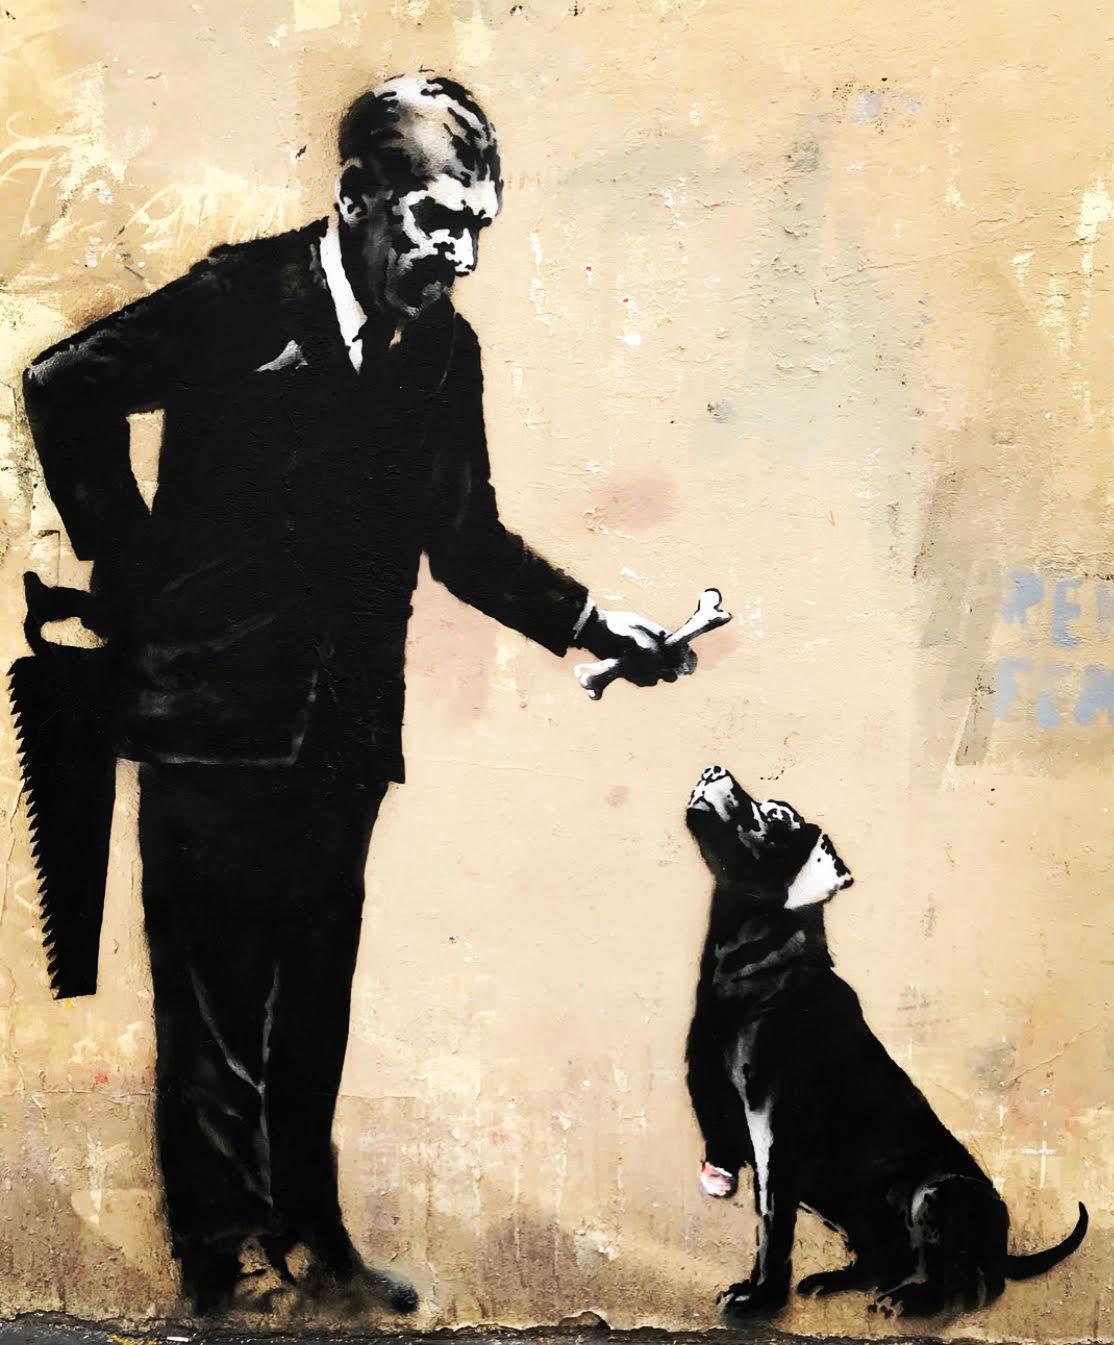 Une oeuvre de Banksy derrière le Bataclan